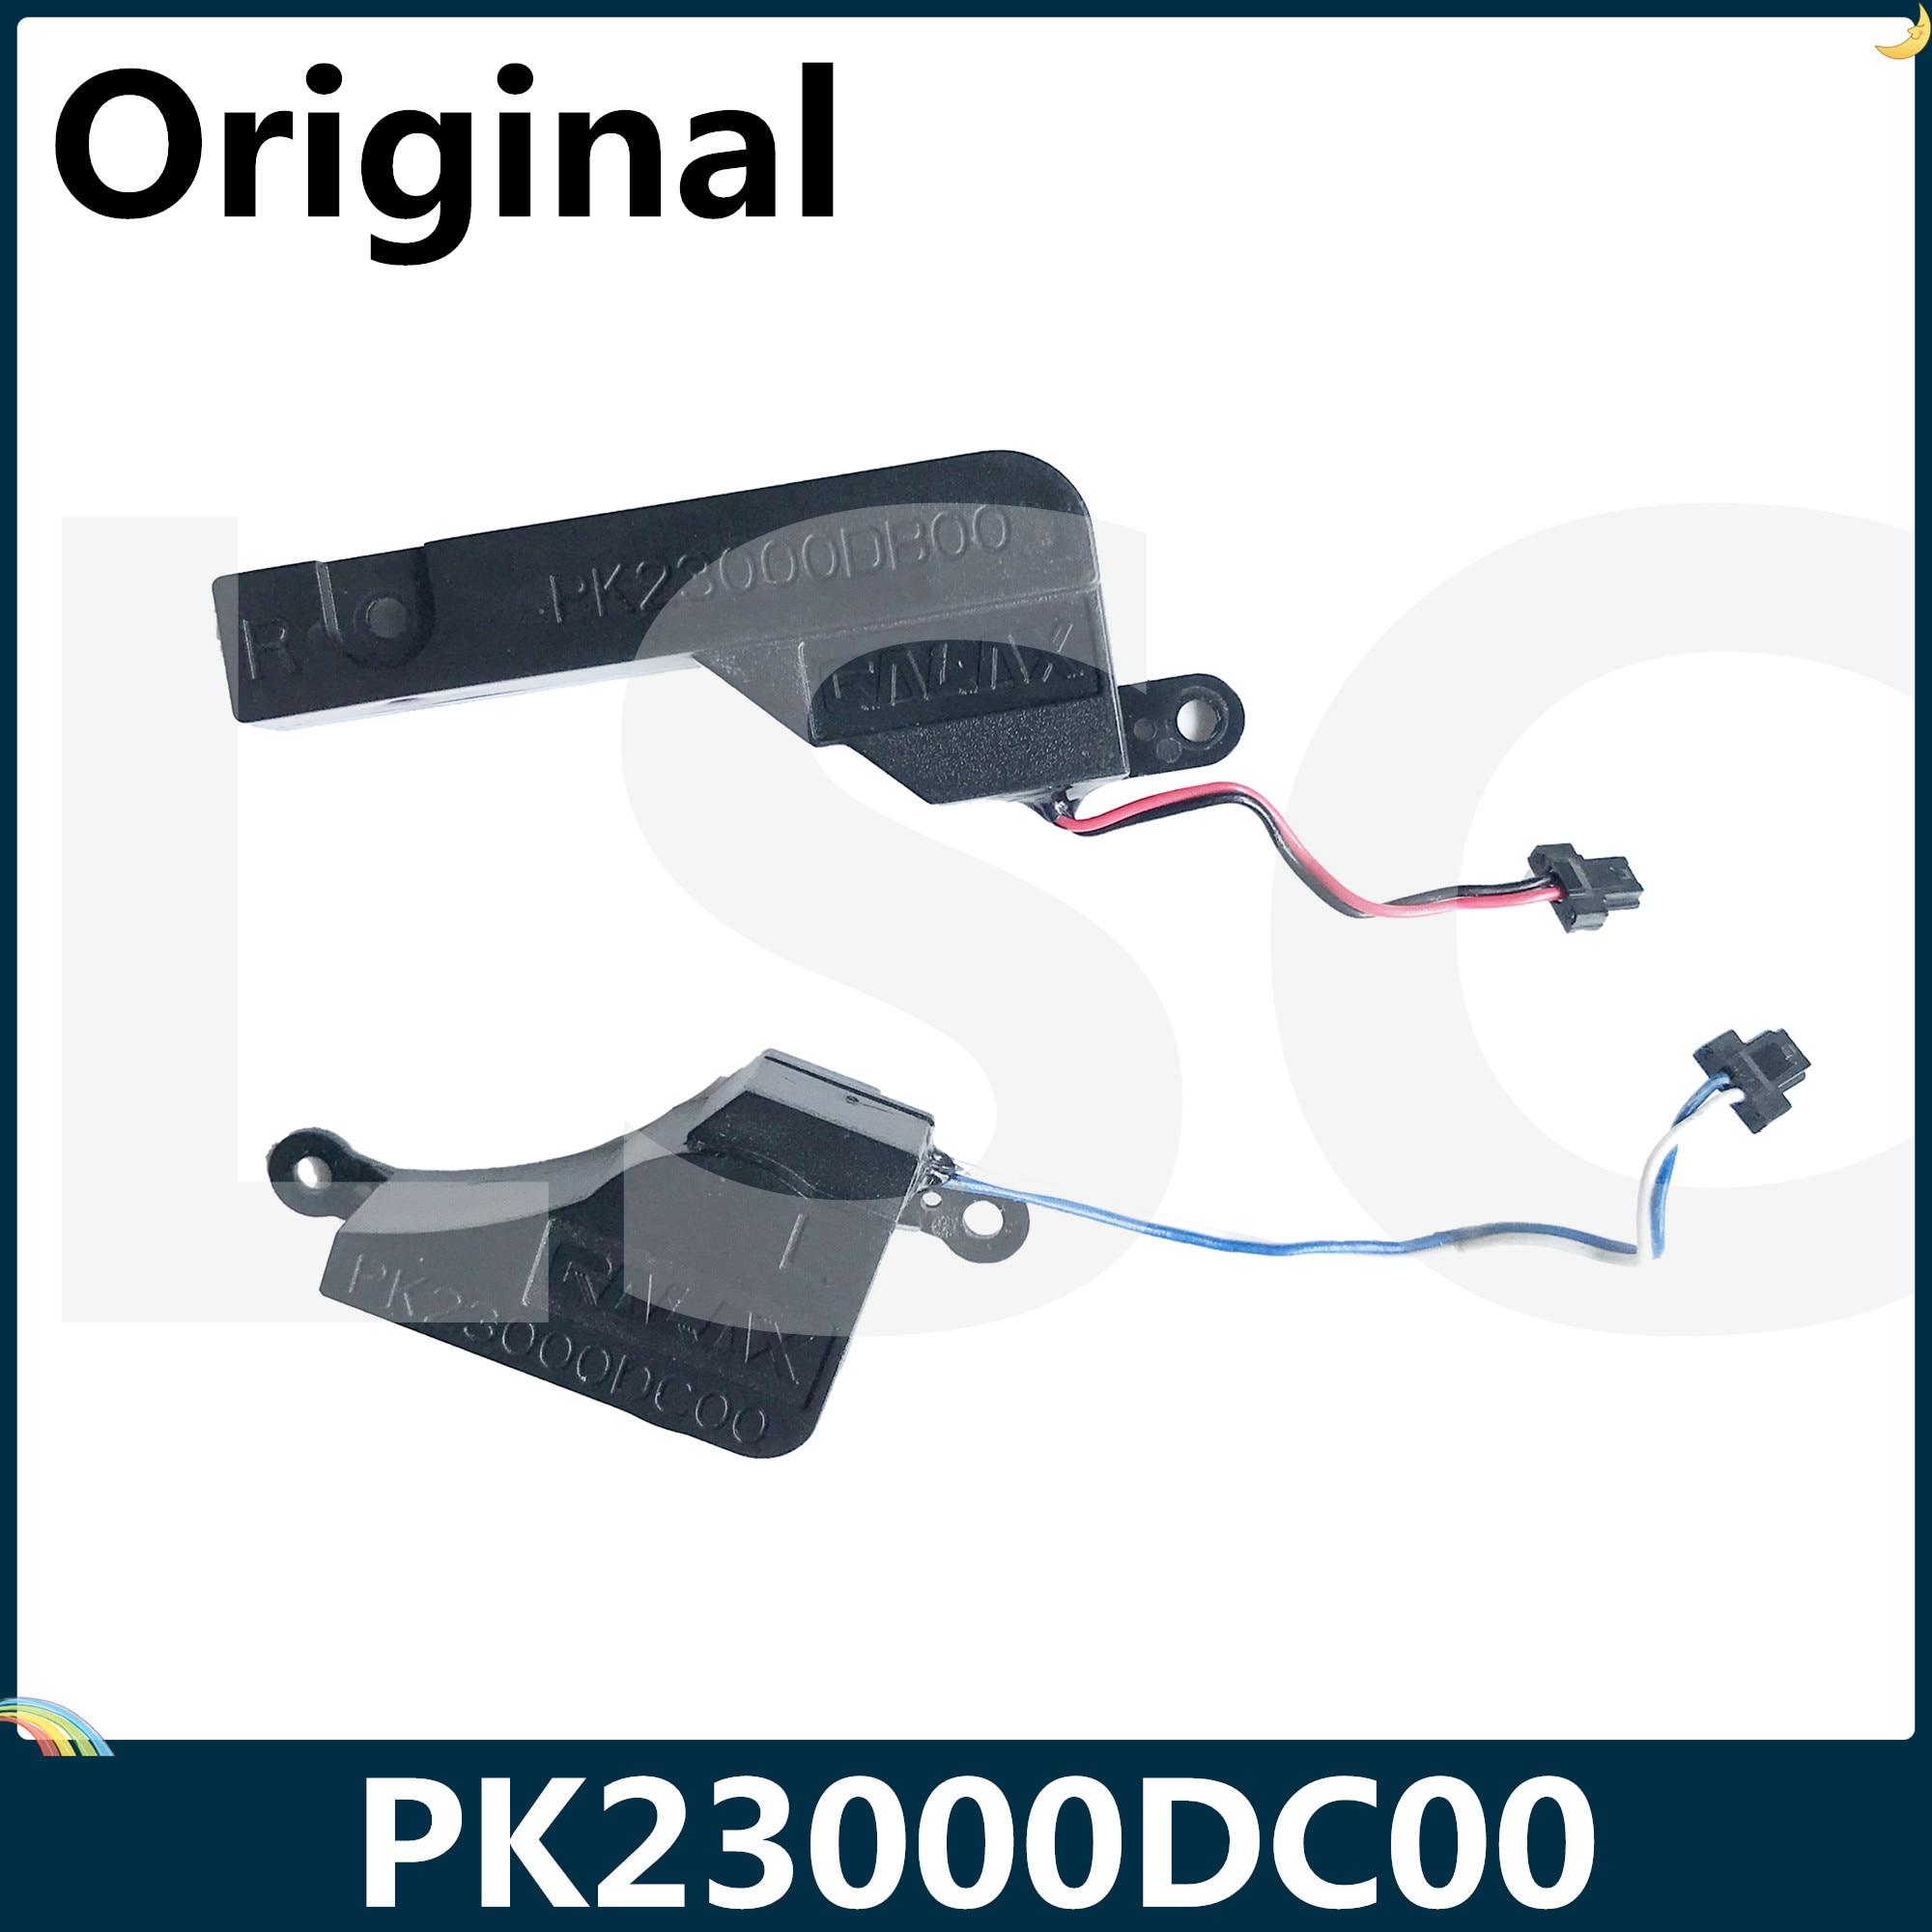 LSC PK23000DC00 Original Para ACER 5741G 5742G 5552G 5551 5552 5251 5250 5252 5741 5742 5742 5733 5336 5736 L & R Construído em alto-falante